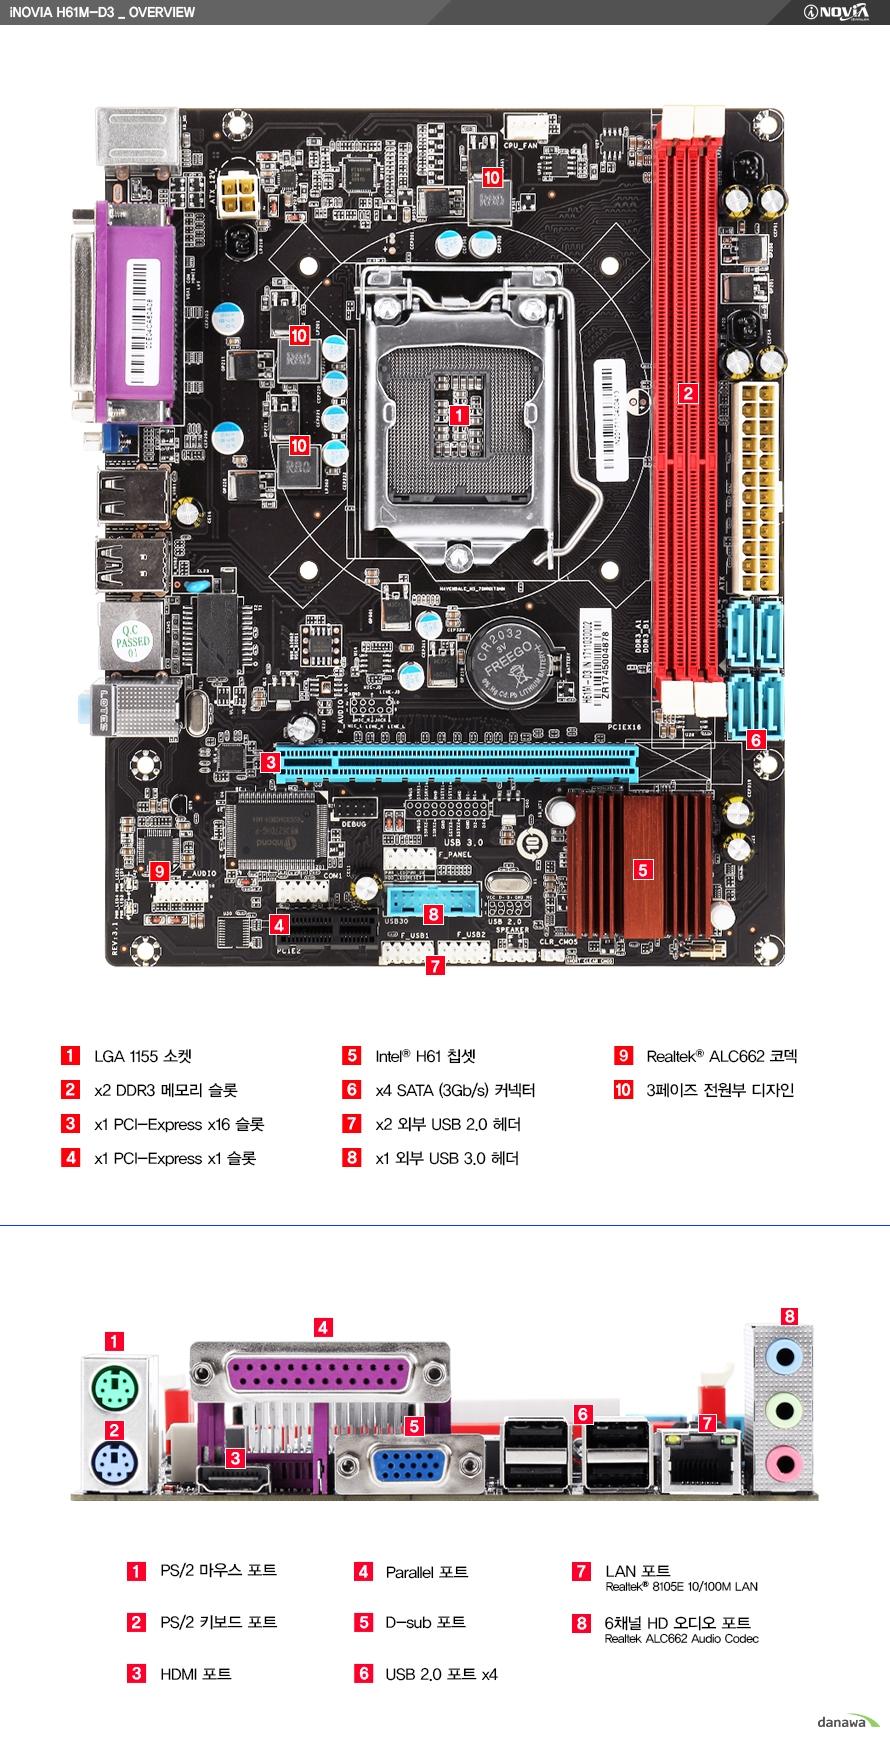 아이노비아 H61M-D3_오버뷰1. LGA 1155 소켓, 2. x2 DDR3 메모리 슬롯, 3. x1 PCI-익스프레스 x16 슬롯, 4. x1 PCI-익스프레스 x1 슬롯, 5. 인텔 H61 칩셋, 6. x4 SATA(3Gb/s) 커넥터, 7. x2 외부 USB 2.0 헤더, 8. x1 외부 USB 3.0 헤더, 9. 리얼텍 ALC662 코덱, 10. 3페이즈 전원부 디자인/1. PS/2 마우스포트, 2. PS/2 키보드 포트, 3. HDMI 포트, 4. 패럴렐 포트, 5. D-서브 포트, 6. USB 2.0 x4, 7. LAN 포트 리얼텍 8105E 10/100M, 8. 6 채널 HD 오디오 포트 리얼텍 ALC662 오디오 코덱